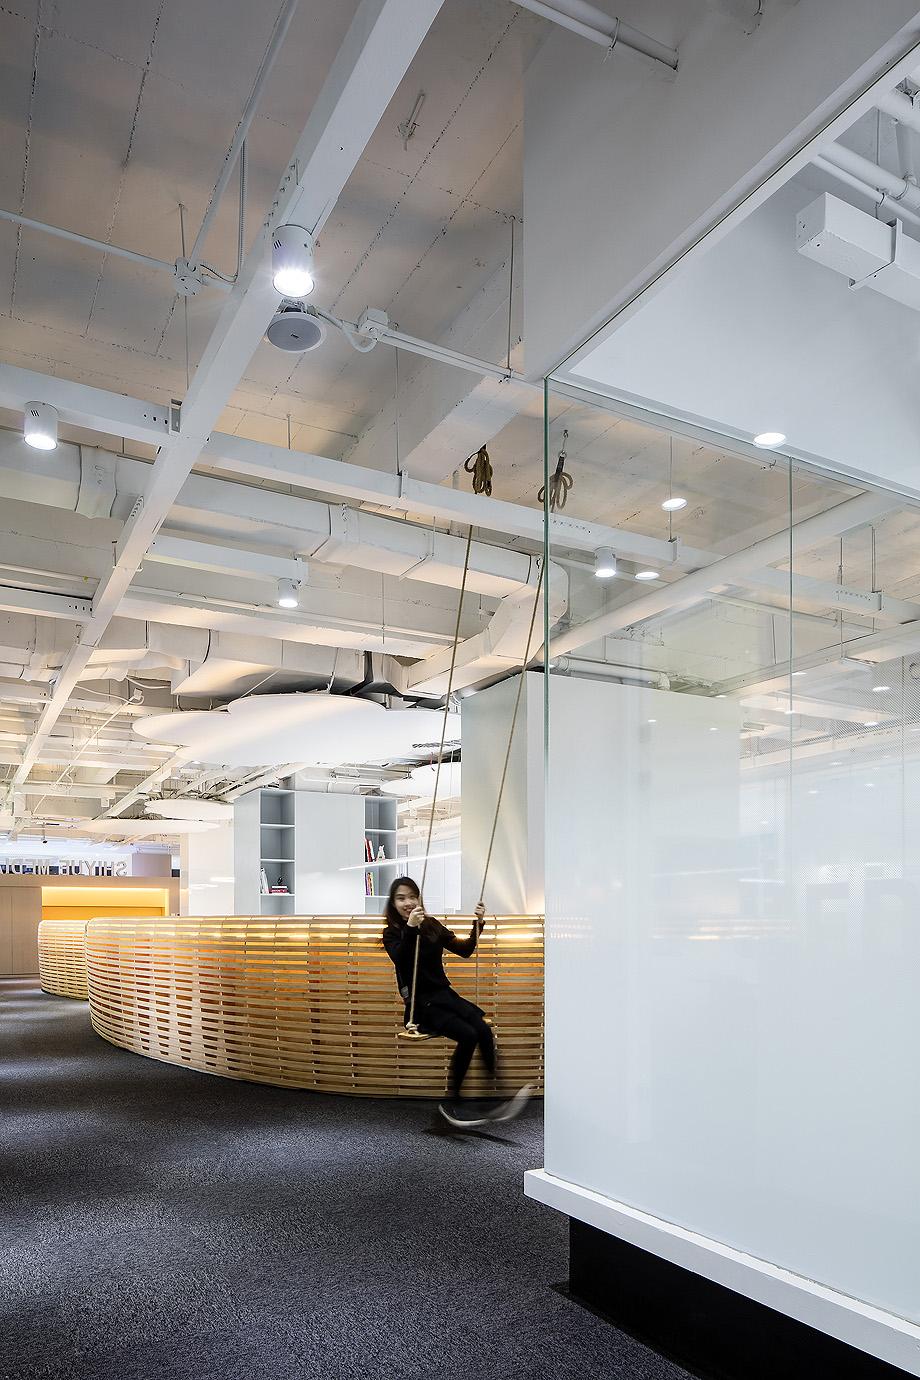 oficinas de diseño ambiental de shiyue media por cun design (13)